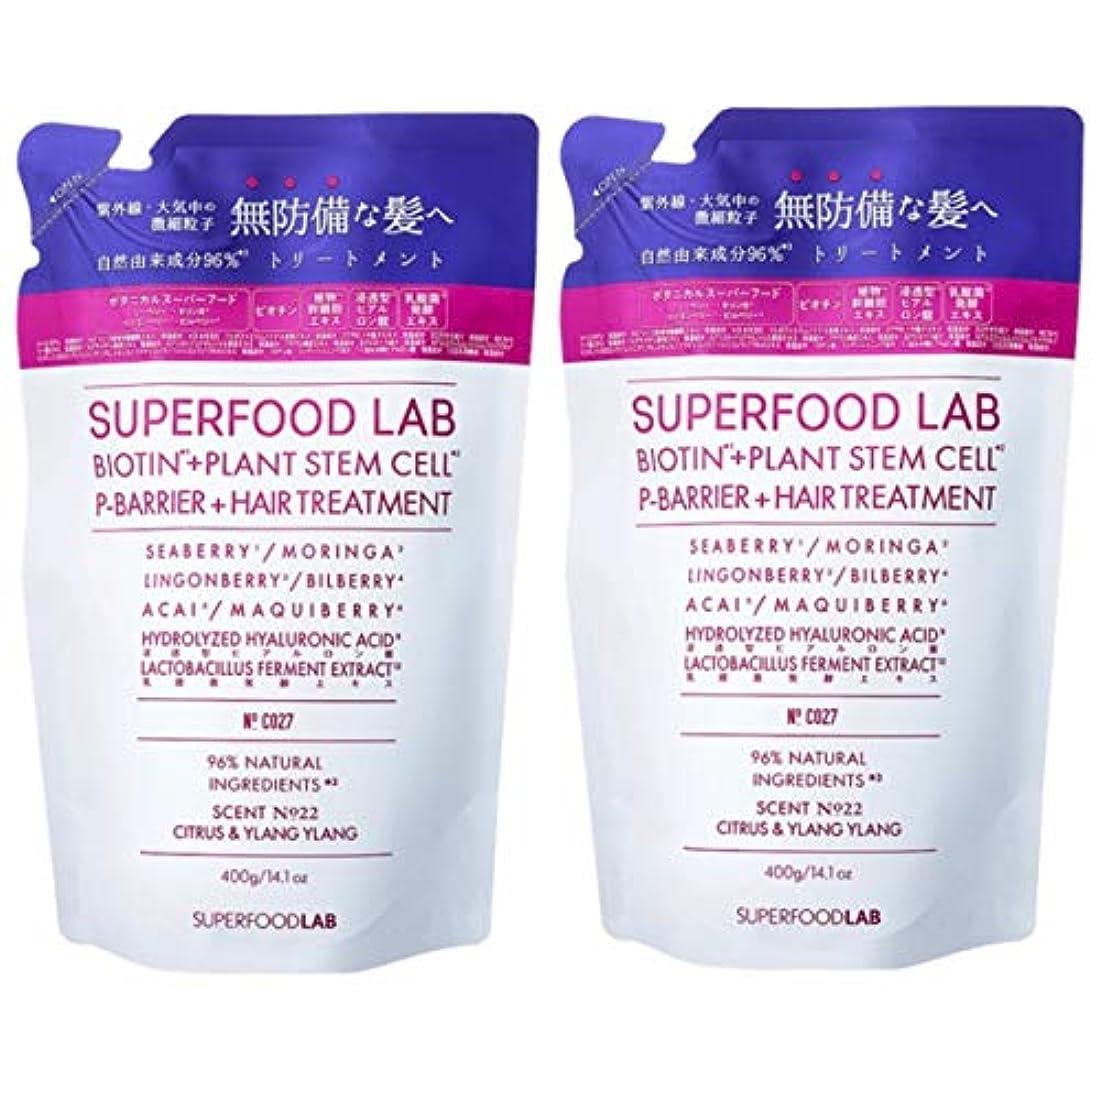 鏡上記の頭と肩からかうSUPERFOOD LAB(スーパーフードラボ)ビオチン配合【紫外線】Pバリア 無添加 トリートメント リフィル 【400ml×2個セット】